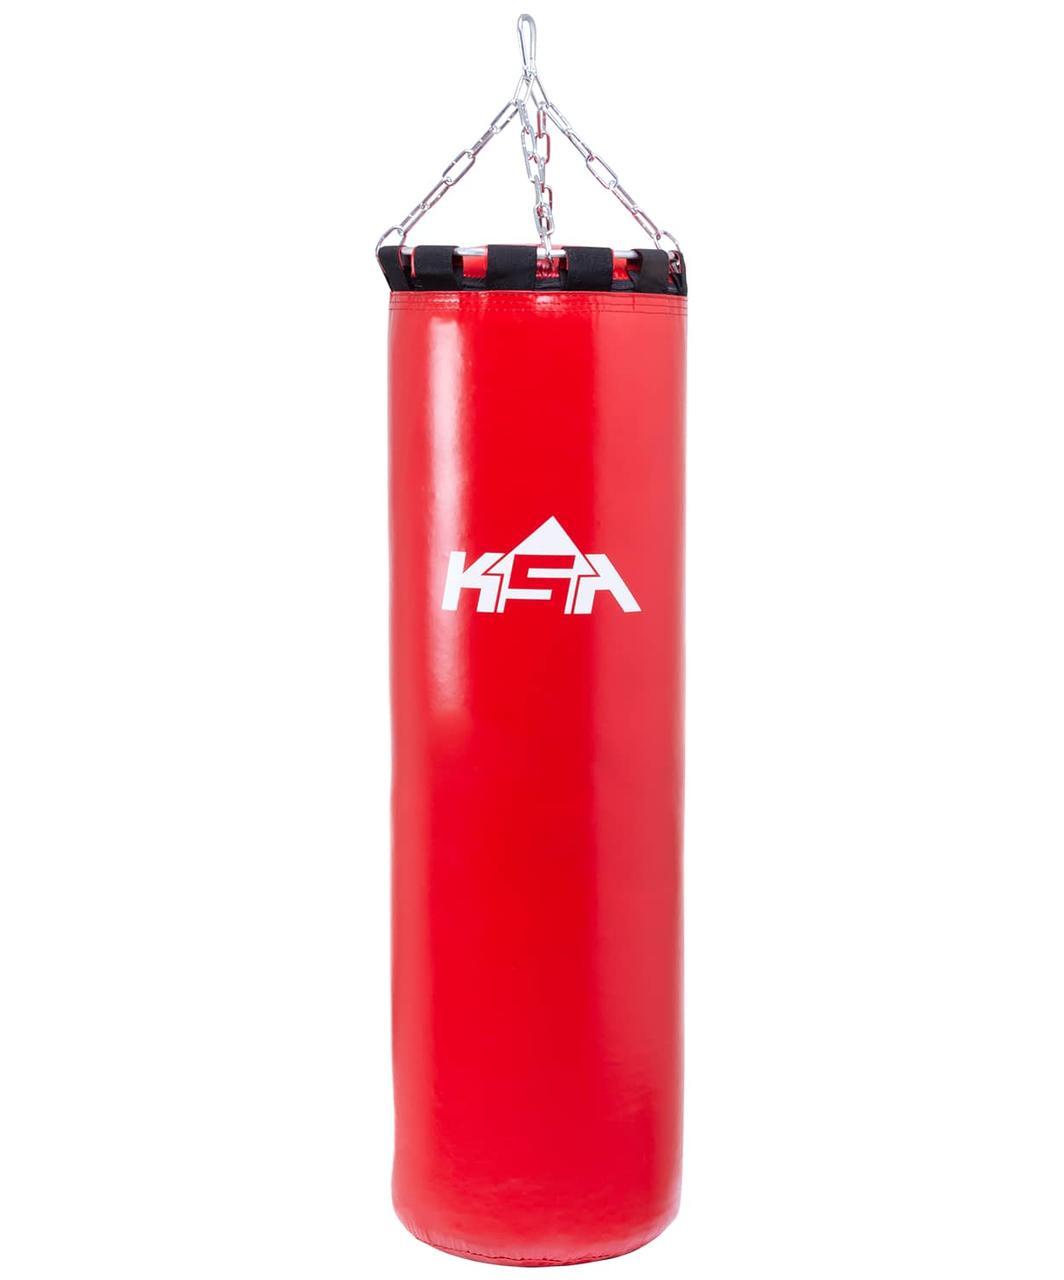 Мешок боксерский PB-01, 50 см, 10 кг, тент, красный KSA